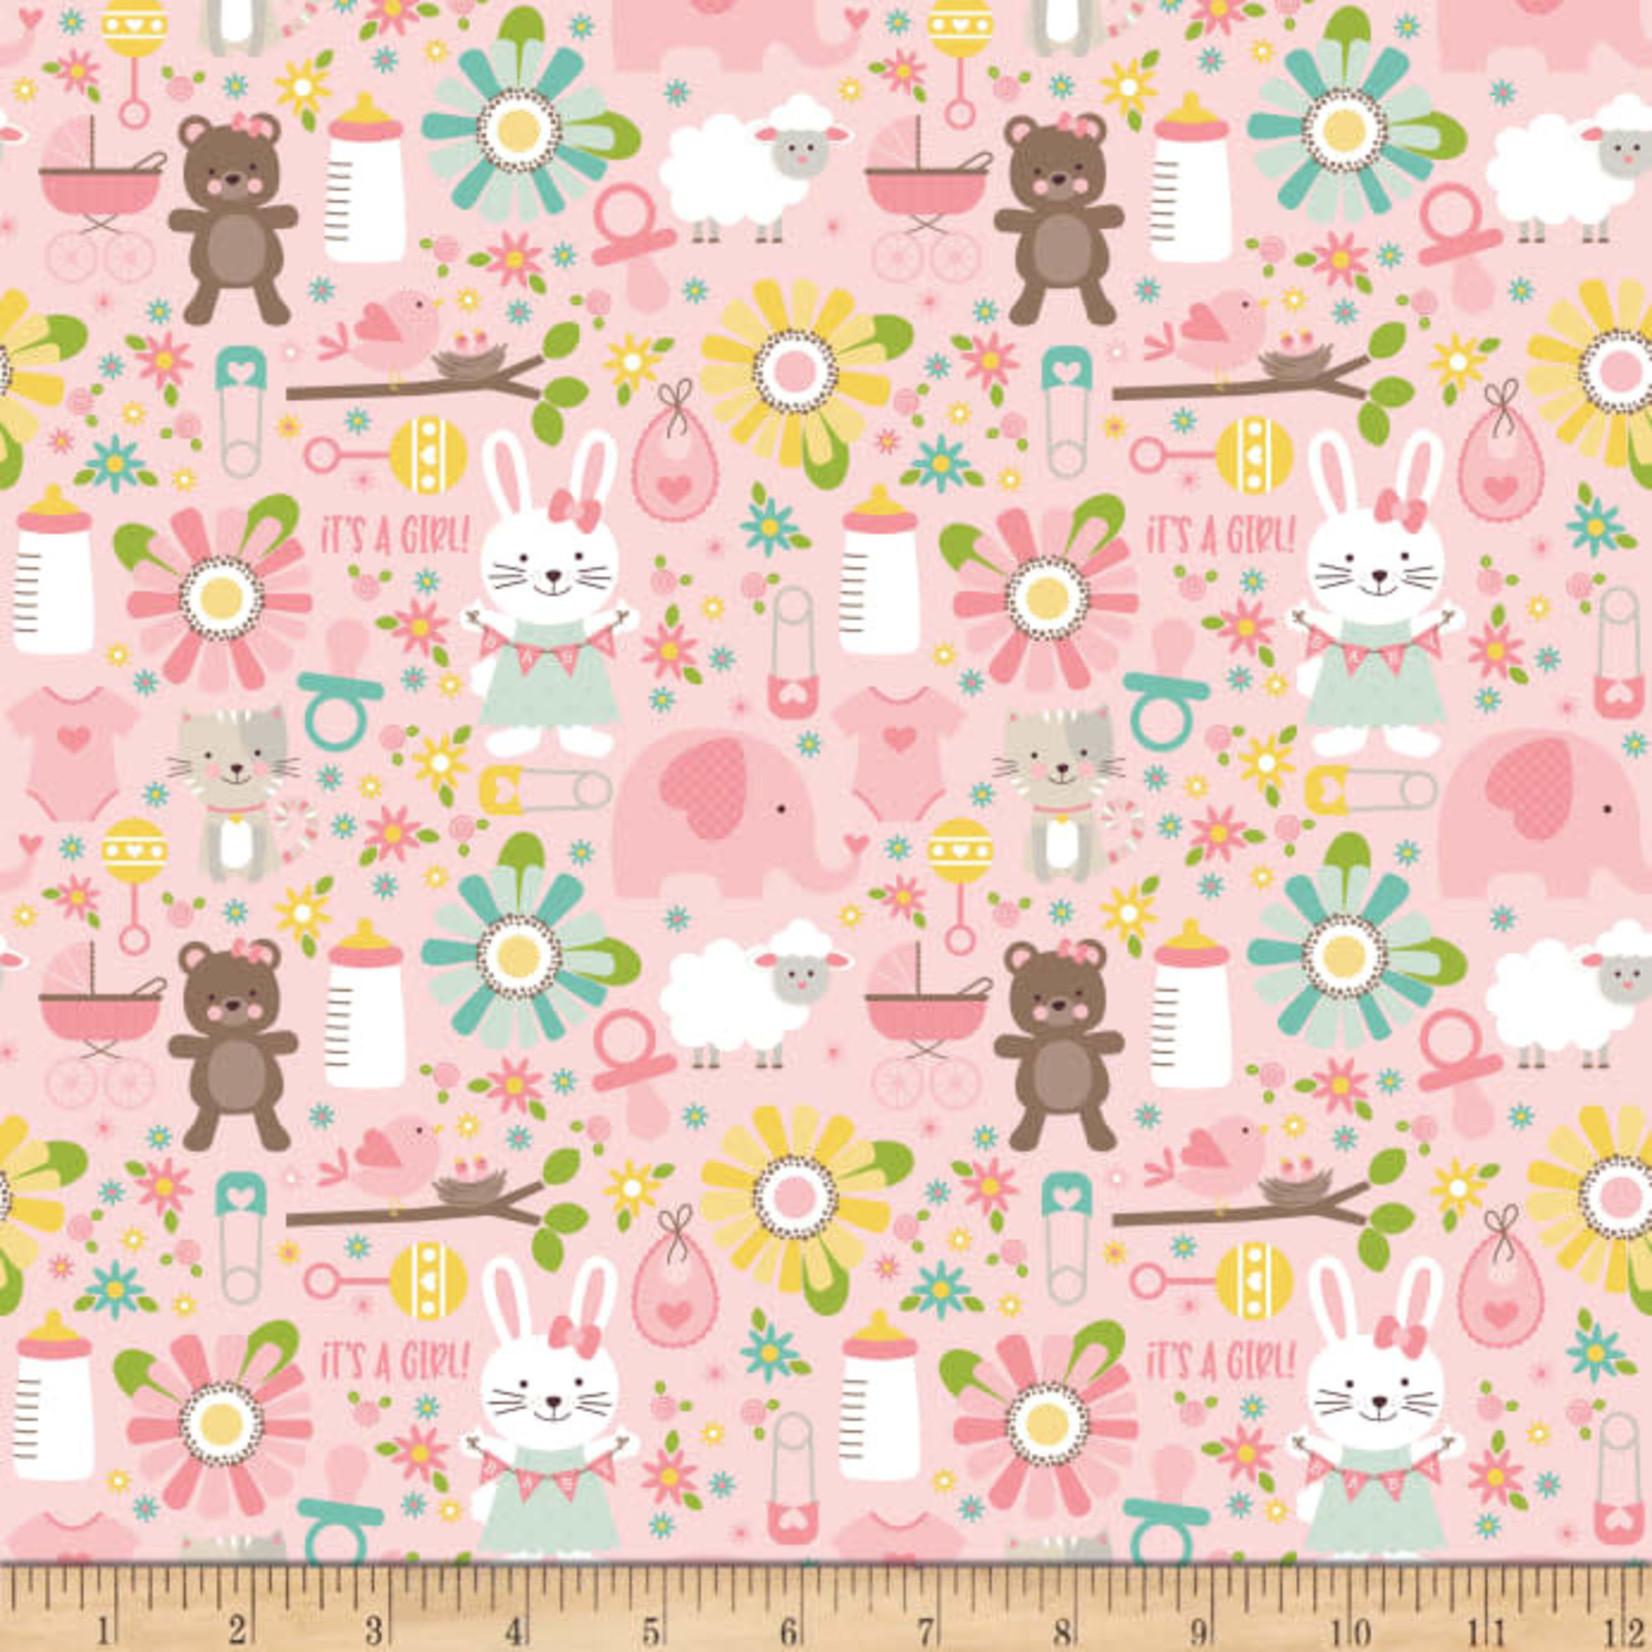 Riley Blake Designs Sweet Baby Girl - Main - Pink